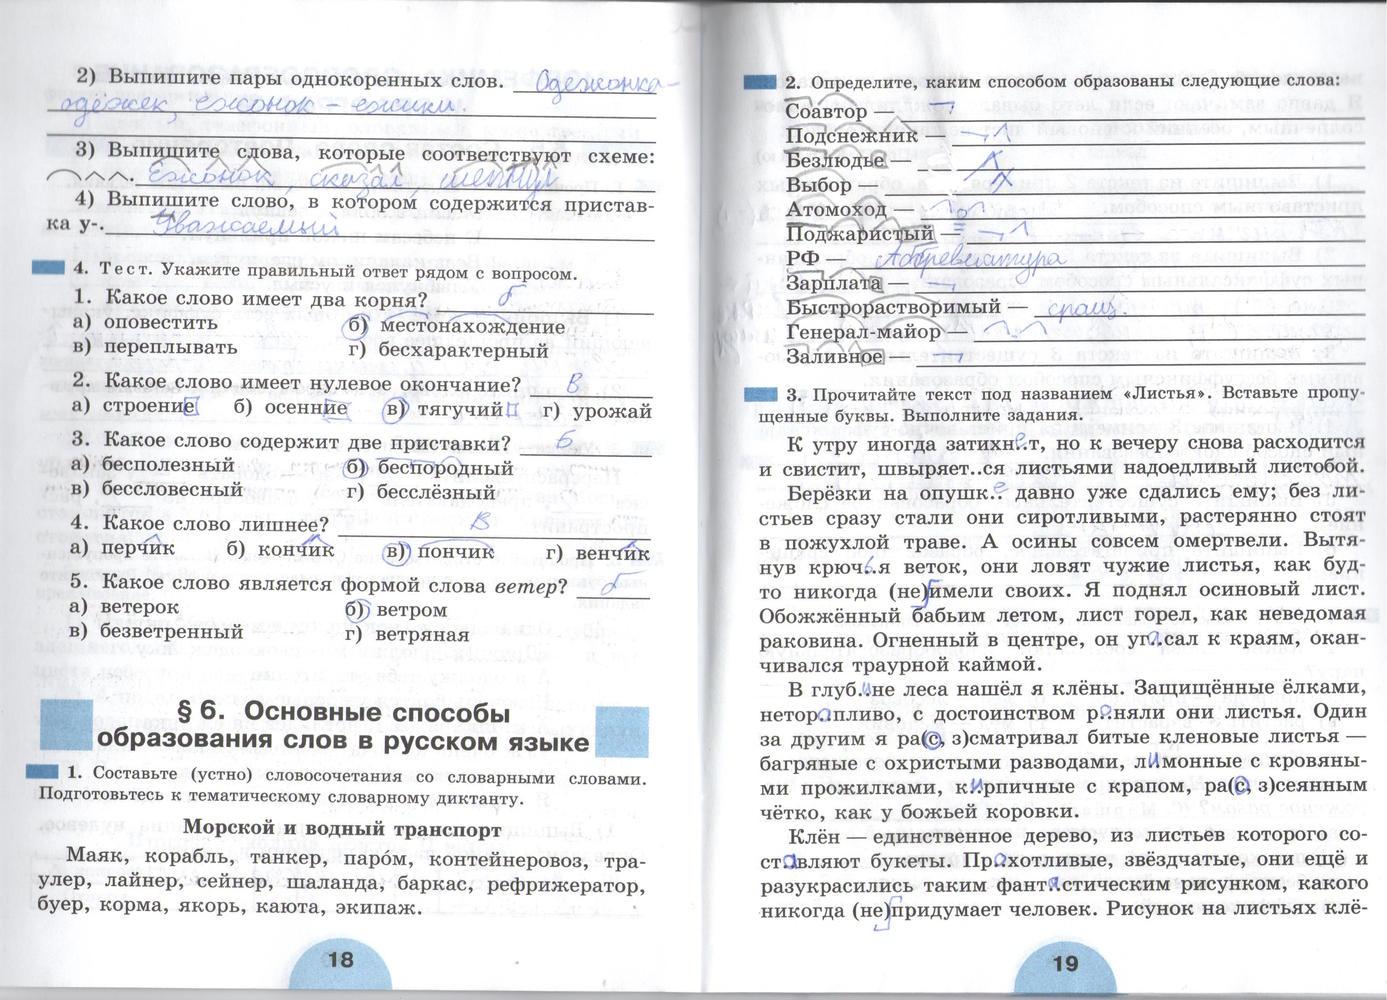 uchebnik-po-russkomu-yaziku-teoriya-dlya-6-klass-ribchenkova-2-chast-otveti